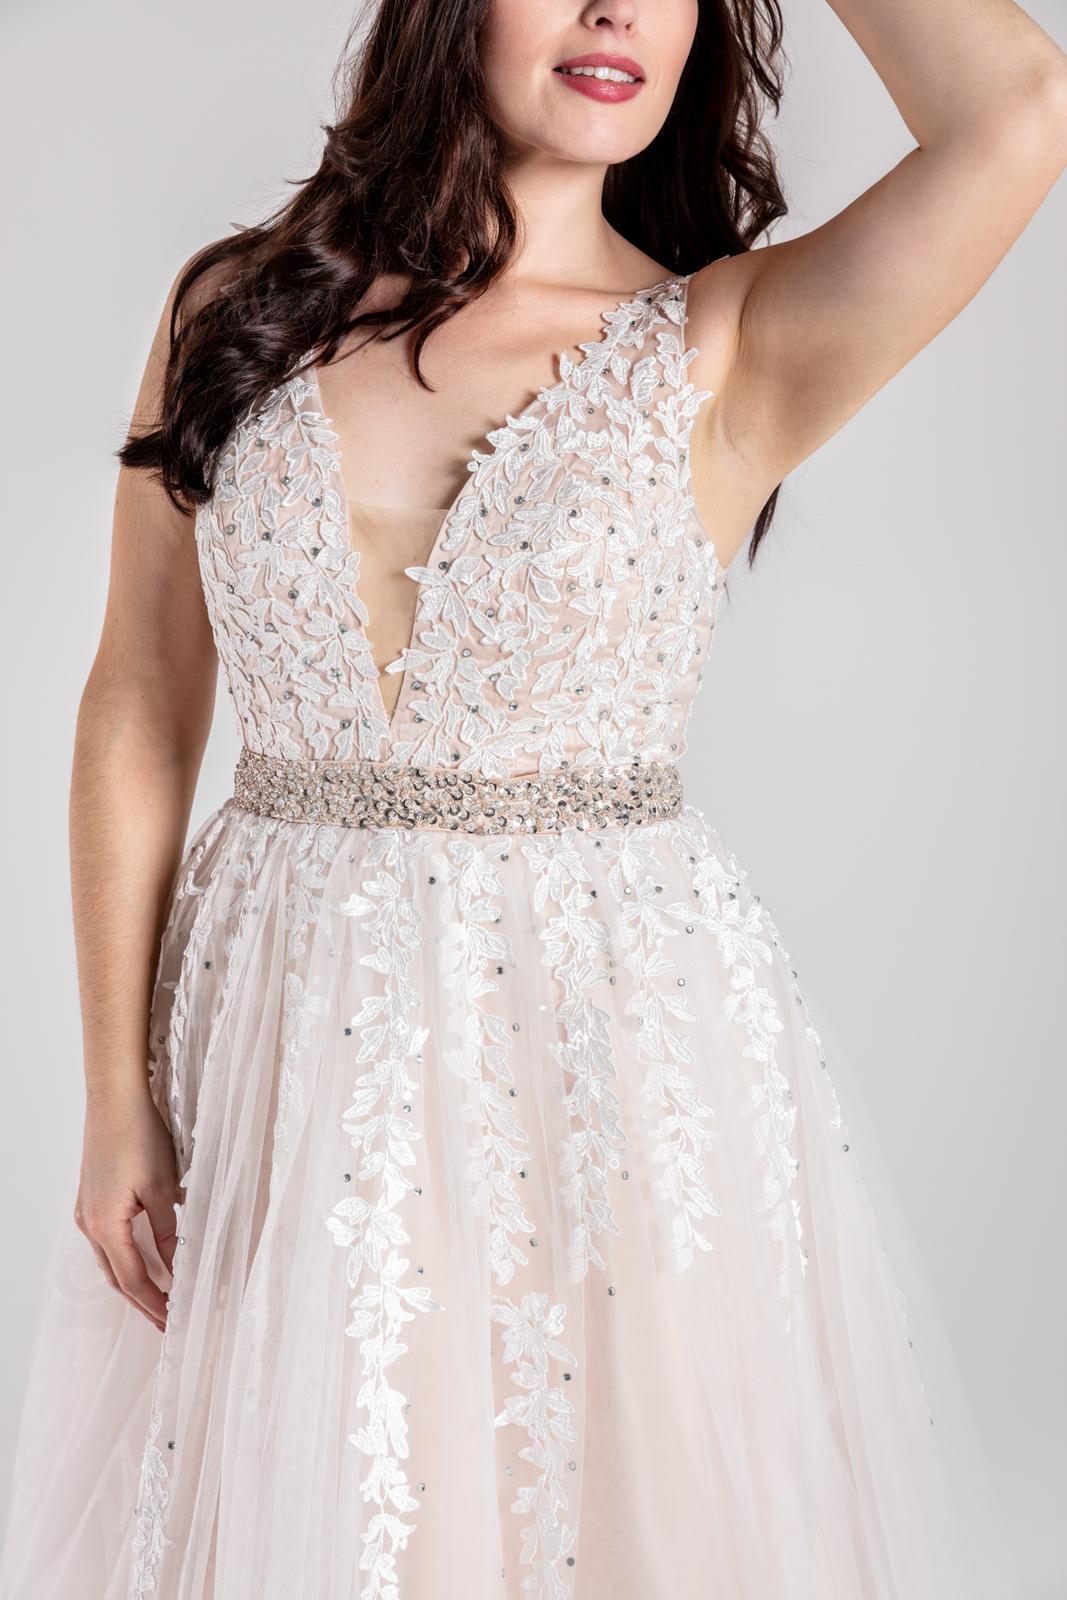 Svatební šaty v boho stylu 36-42 - Obrázek č. 1